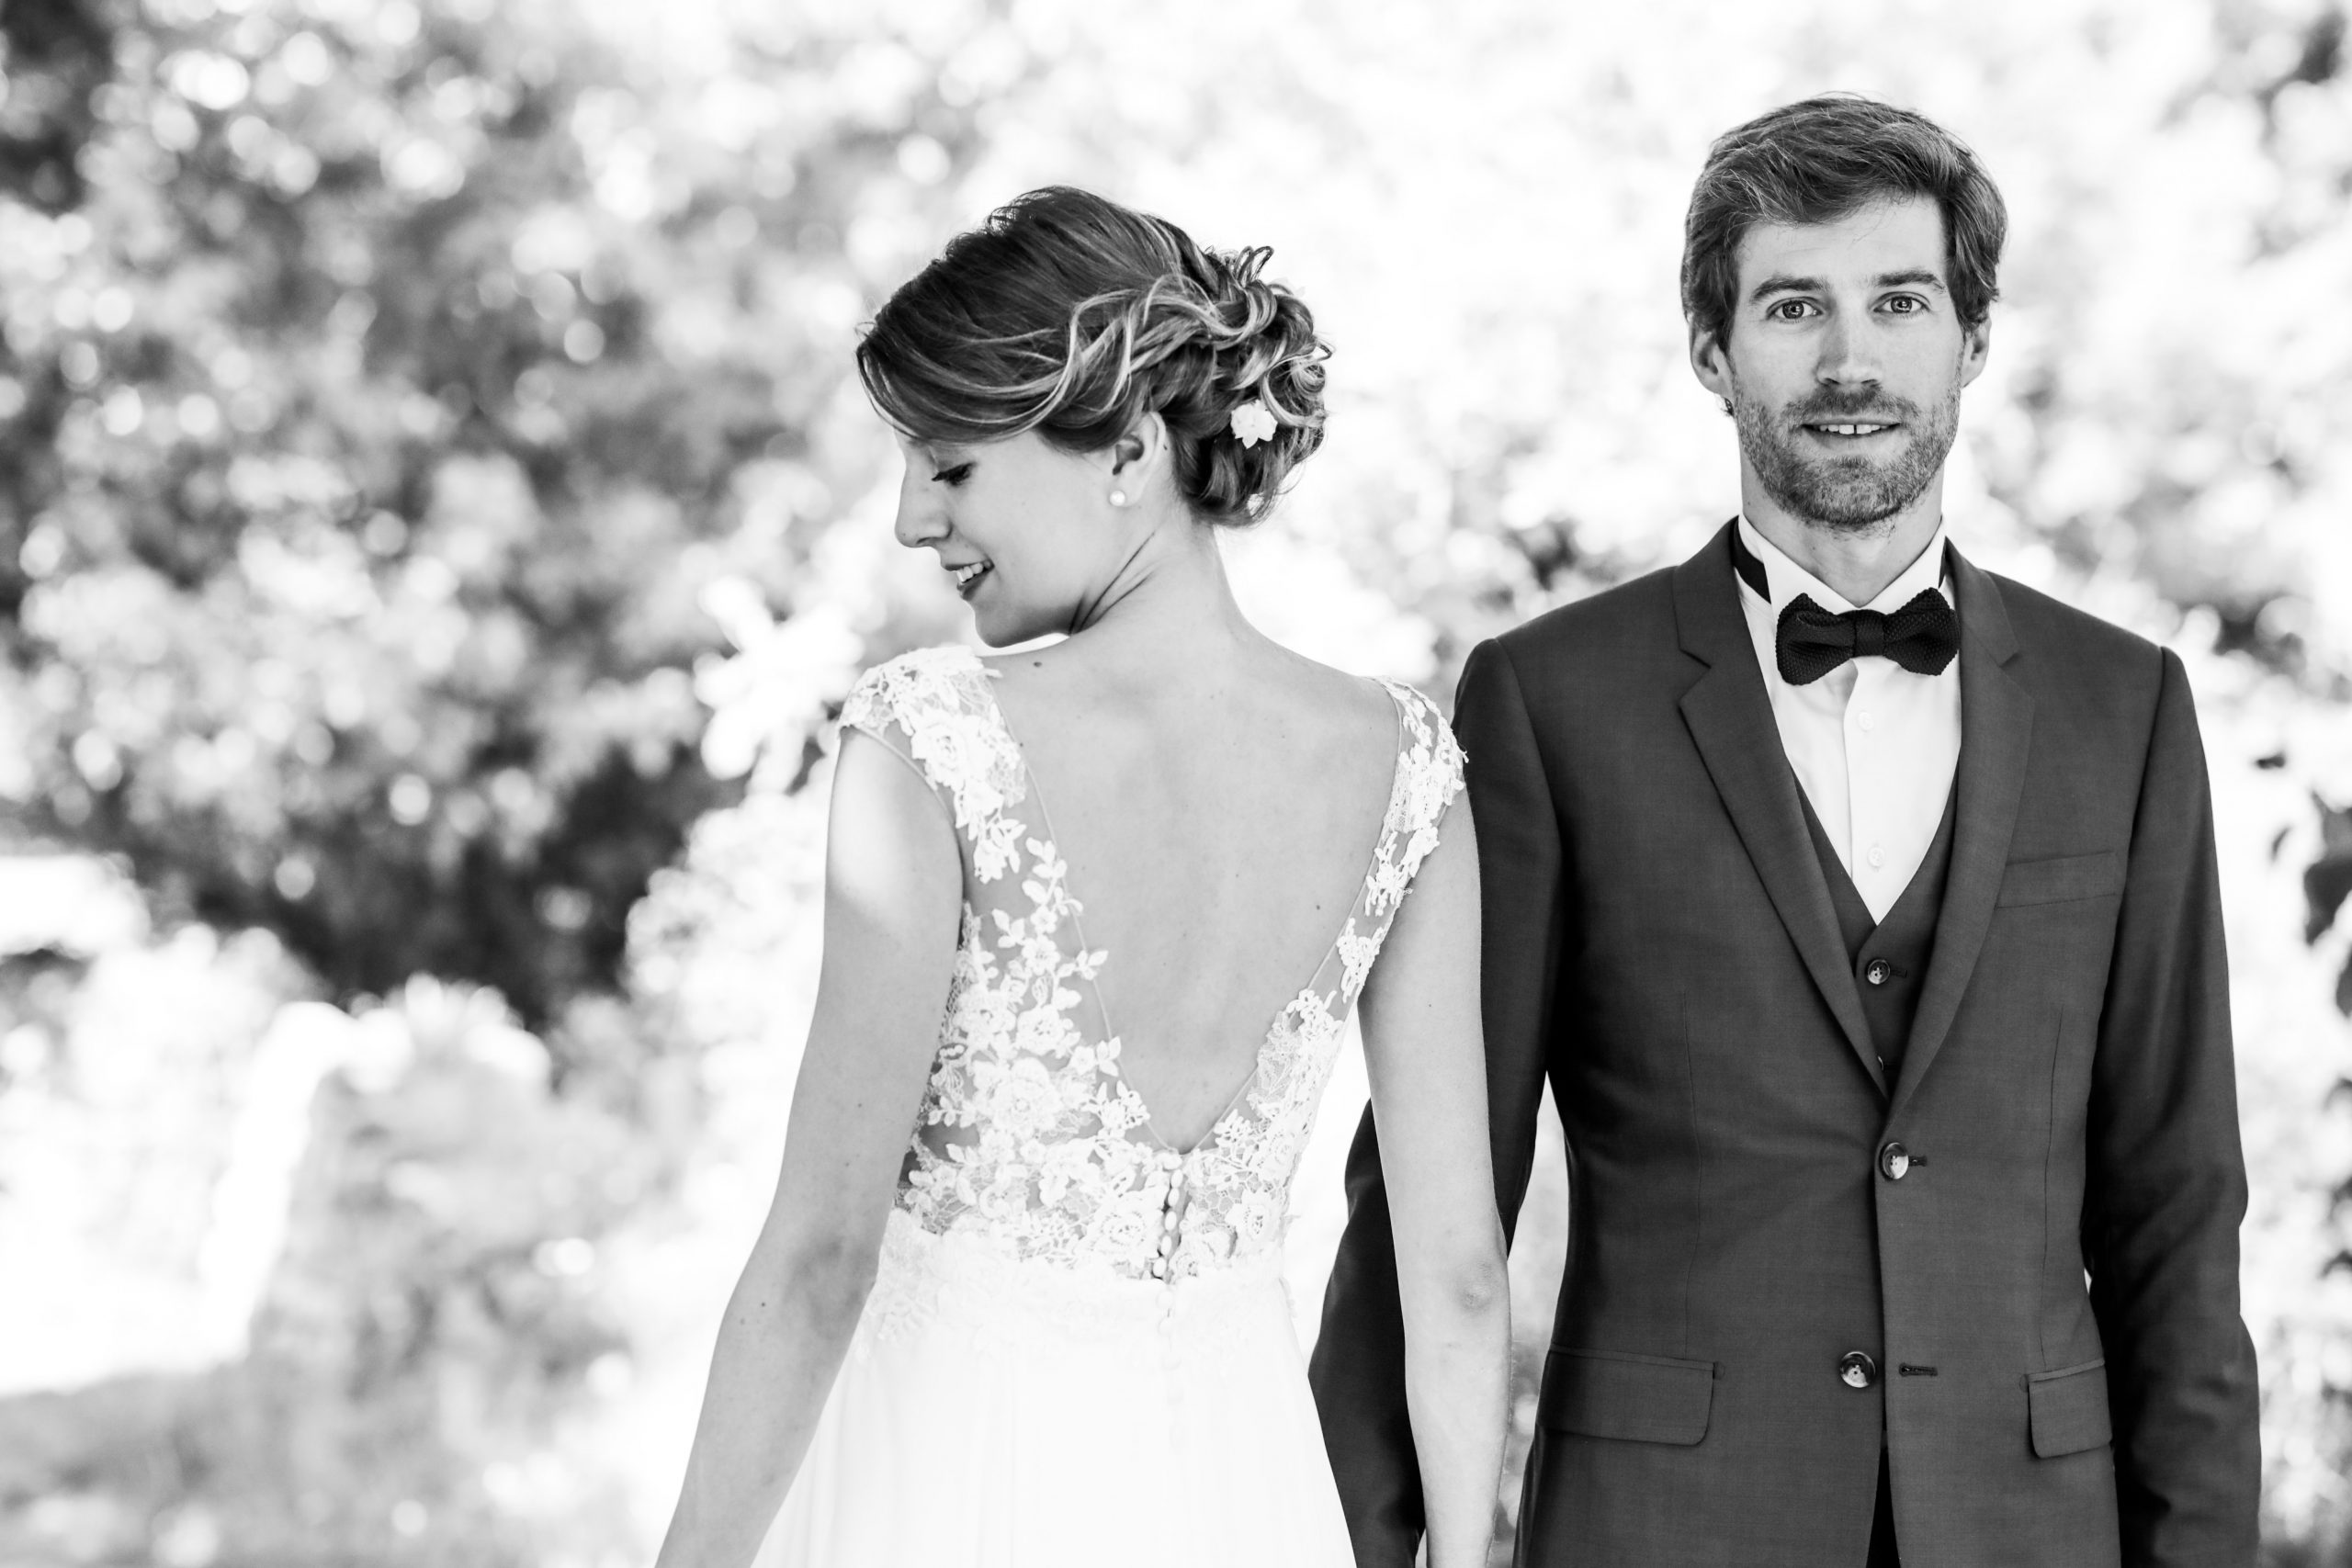 Photographie mariage - Séance couple - Photographe mariage - Paris - Montpellier - Nice - original - robe de mariée - costume - Mariage Hérault